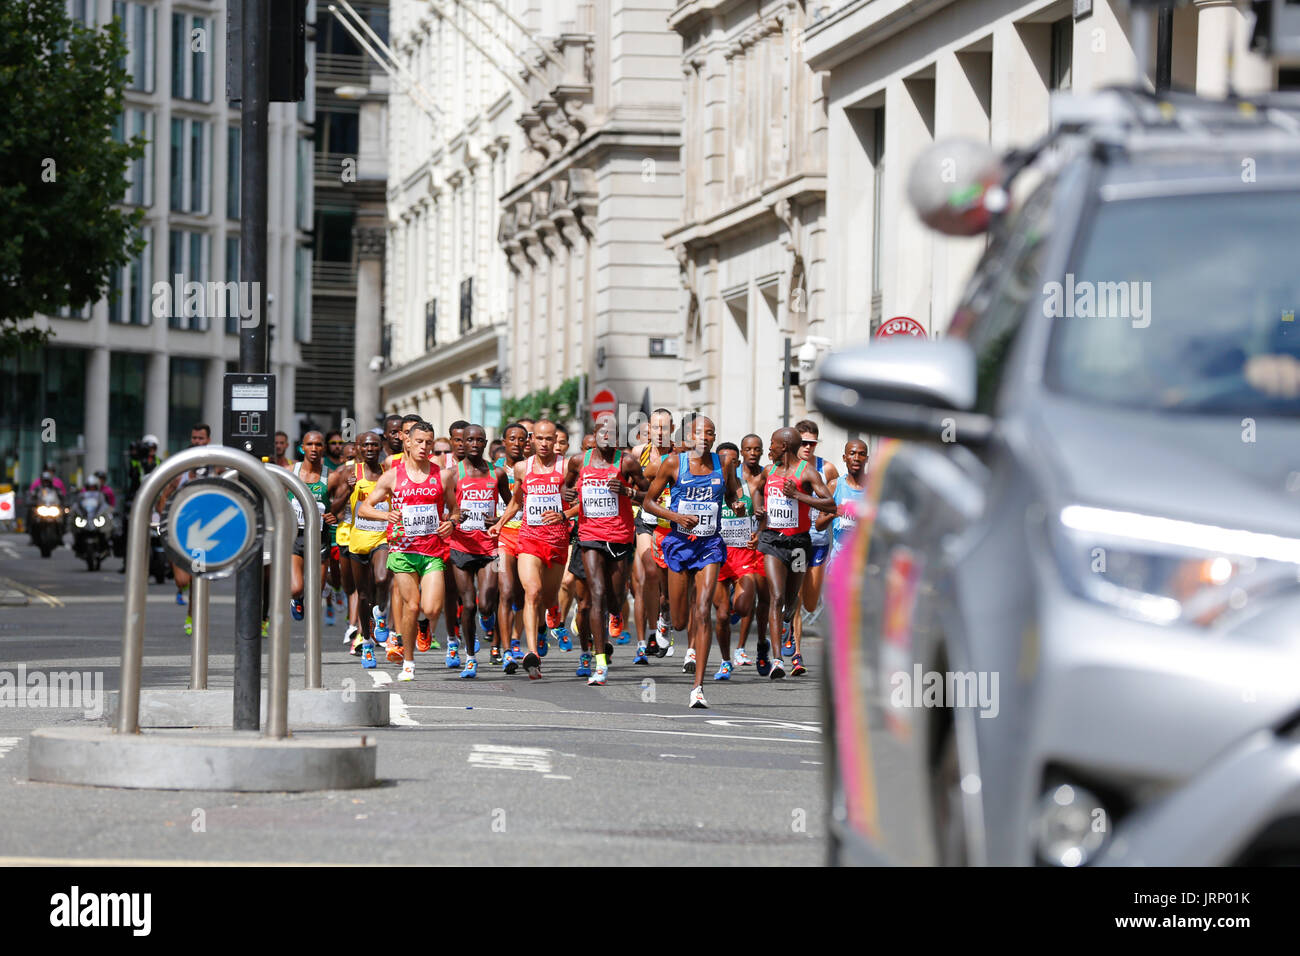 Stratford, Londres, Reino Unido. 6 de agosto de 2017. Campeonato del Mundo de Atletismo de la IAAF maratón del campeonato del mundo de domingo de agosto. corredores de todo el mundo están teniendo lugar en la maratón de la IAAF en Londres, Inglaterra, una vez más, está en el centro de eventos deportivos de clase mundial. Europa, Inglaterra, London Stratford evento deportivo Villa Olímpica 2017. mo farah última carrera. mens maratón iaaf 2017 LONDRES, 6 de agosto. Foto de stock